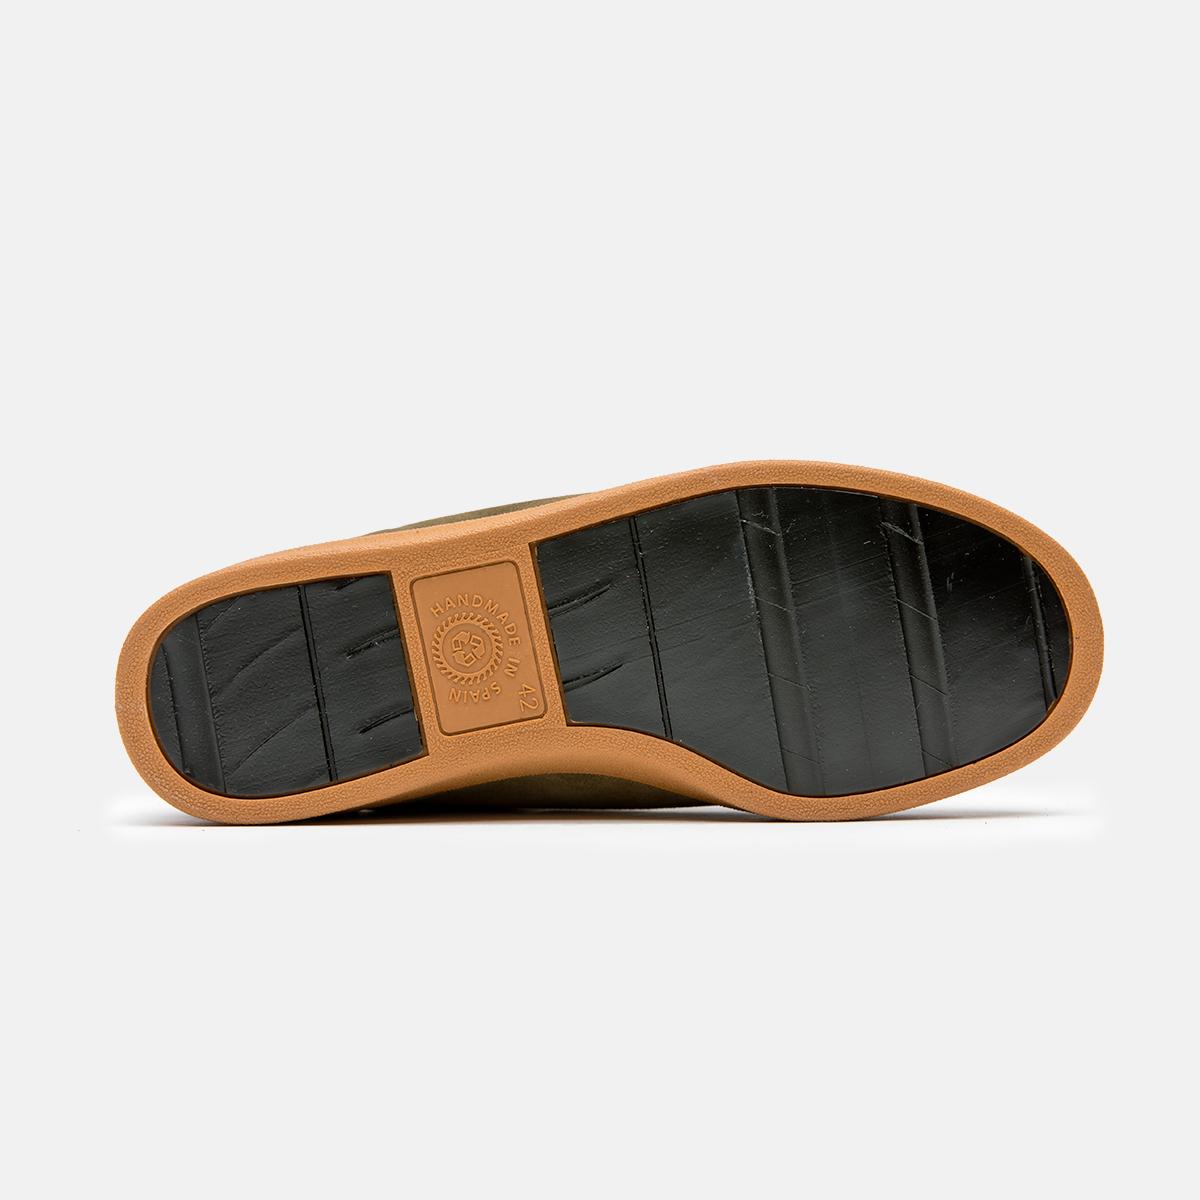 Zapatillas urbanas recicladas caqui Savia